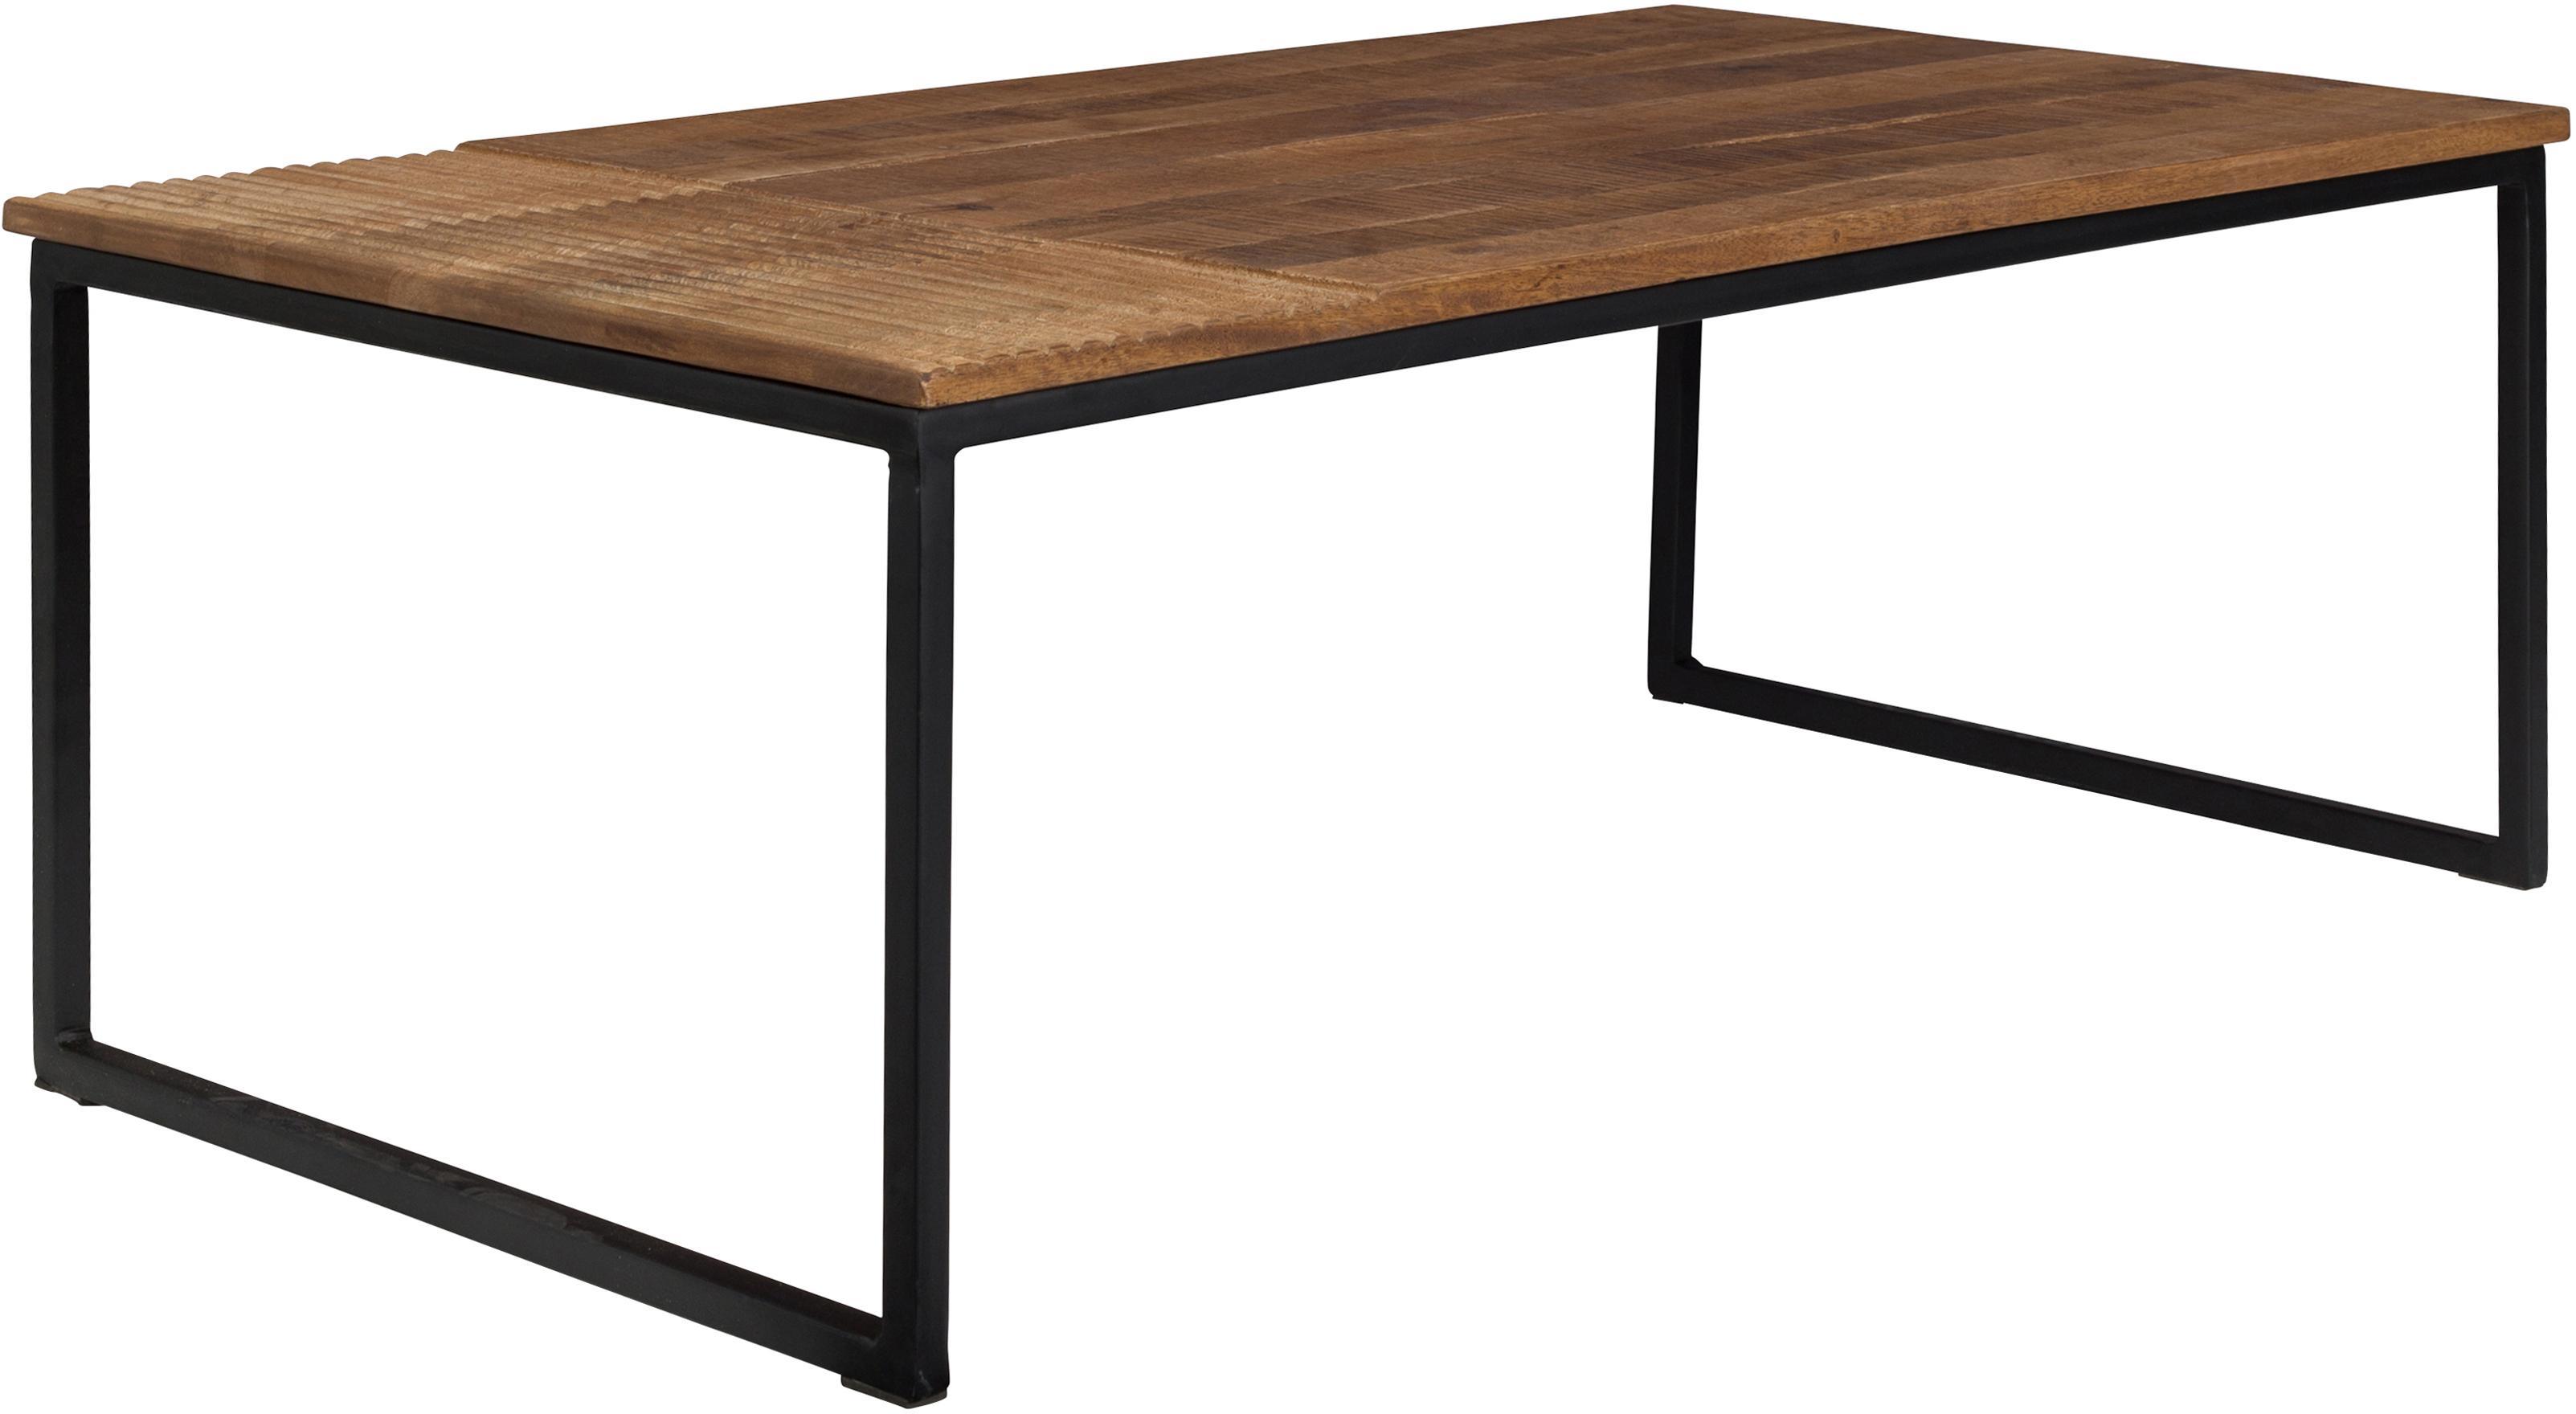 Massivholz-Couchtisch Randi im Industrial Design, Tischplatte: Mangoholz, massiv, Füße: Stahl, pulverbeschichtet, Tischplatte: Mangoholz Füße: Schwarz, 110 x 40 cm